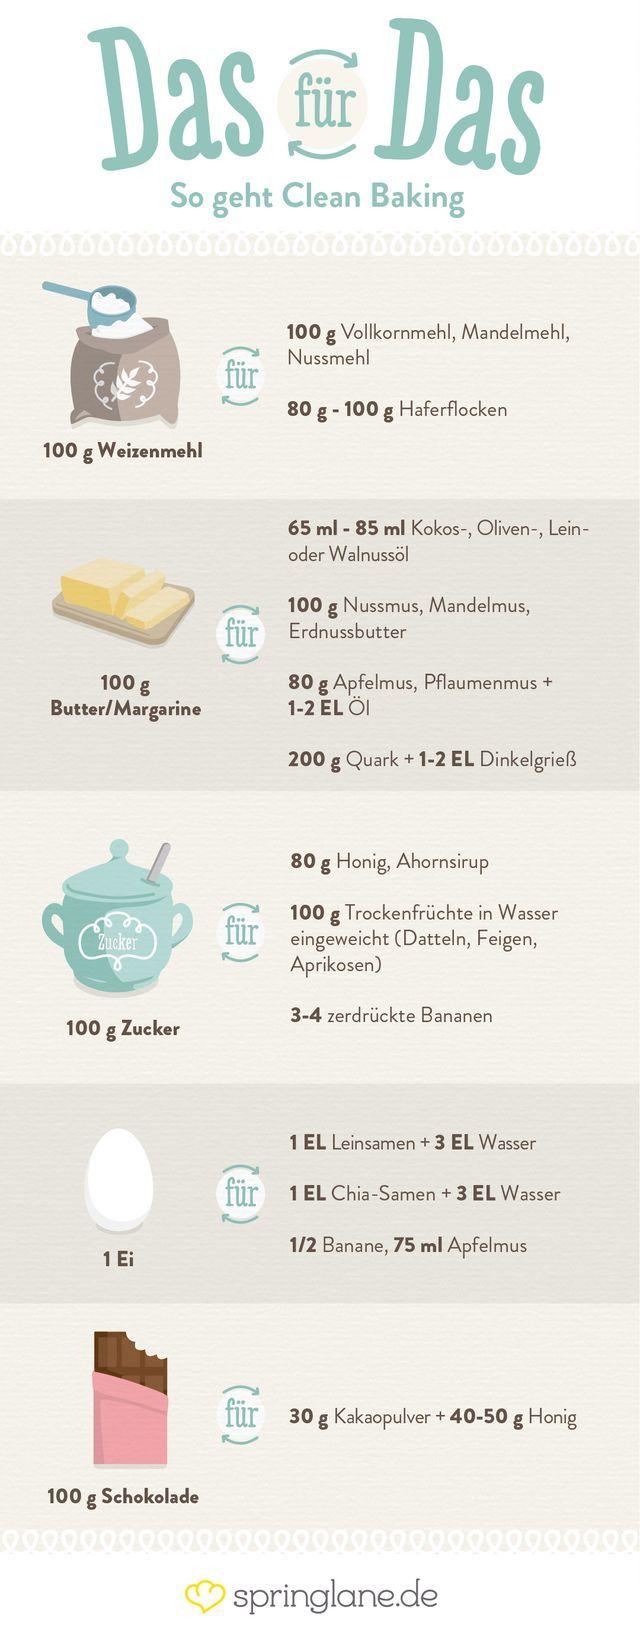 Clean Baking Basics: Alles, was du wissen musst! (Springlane)